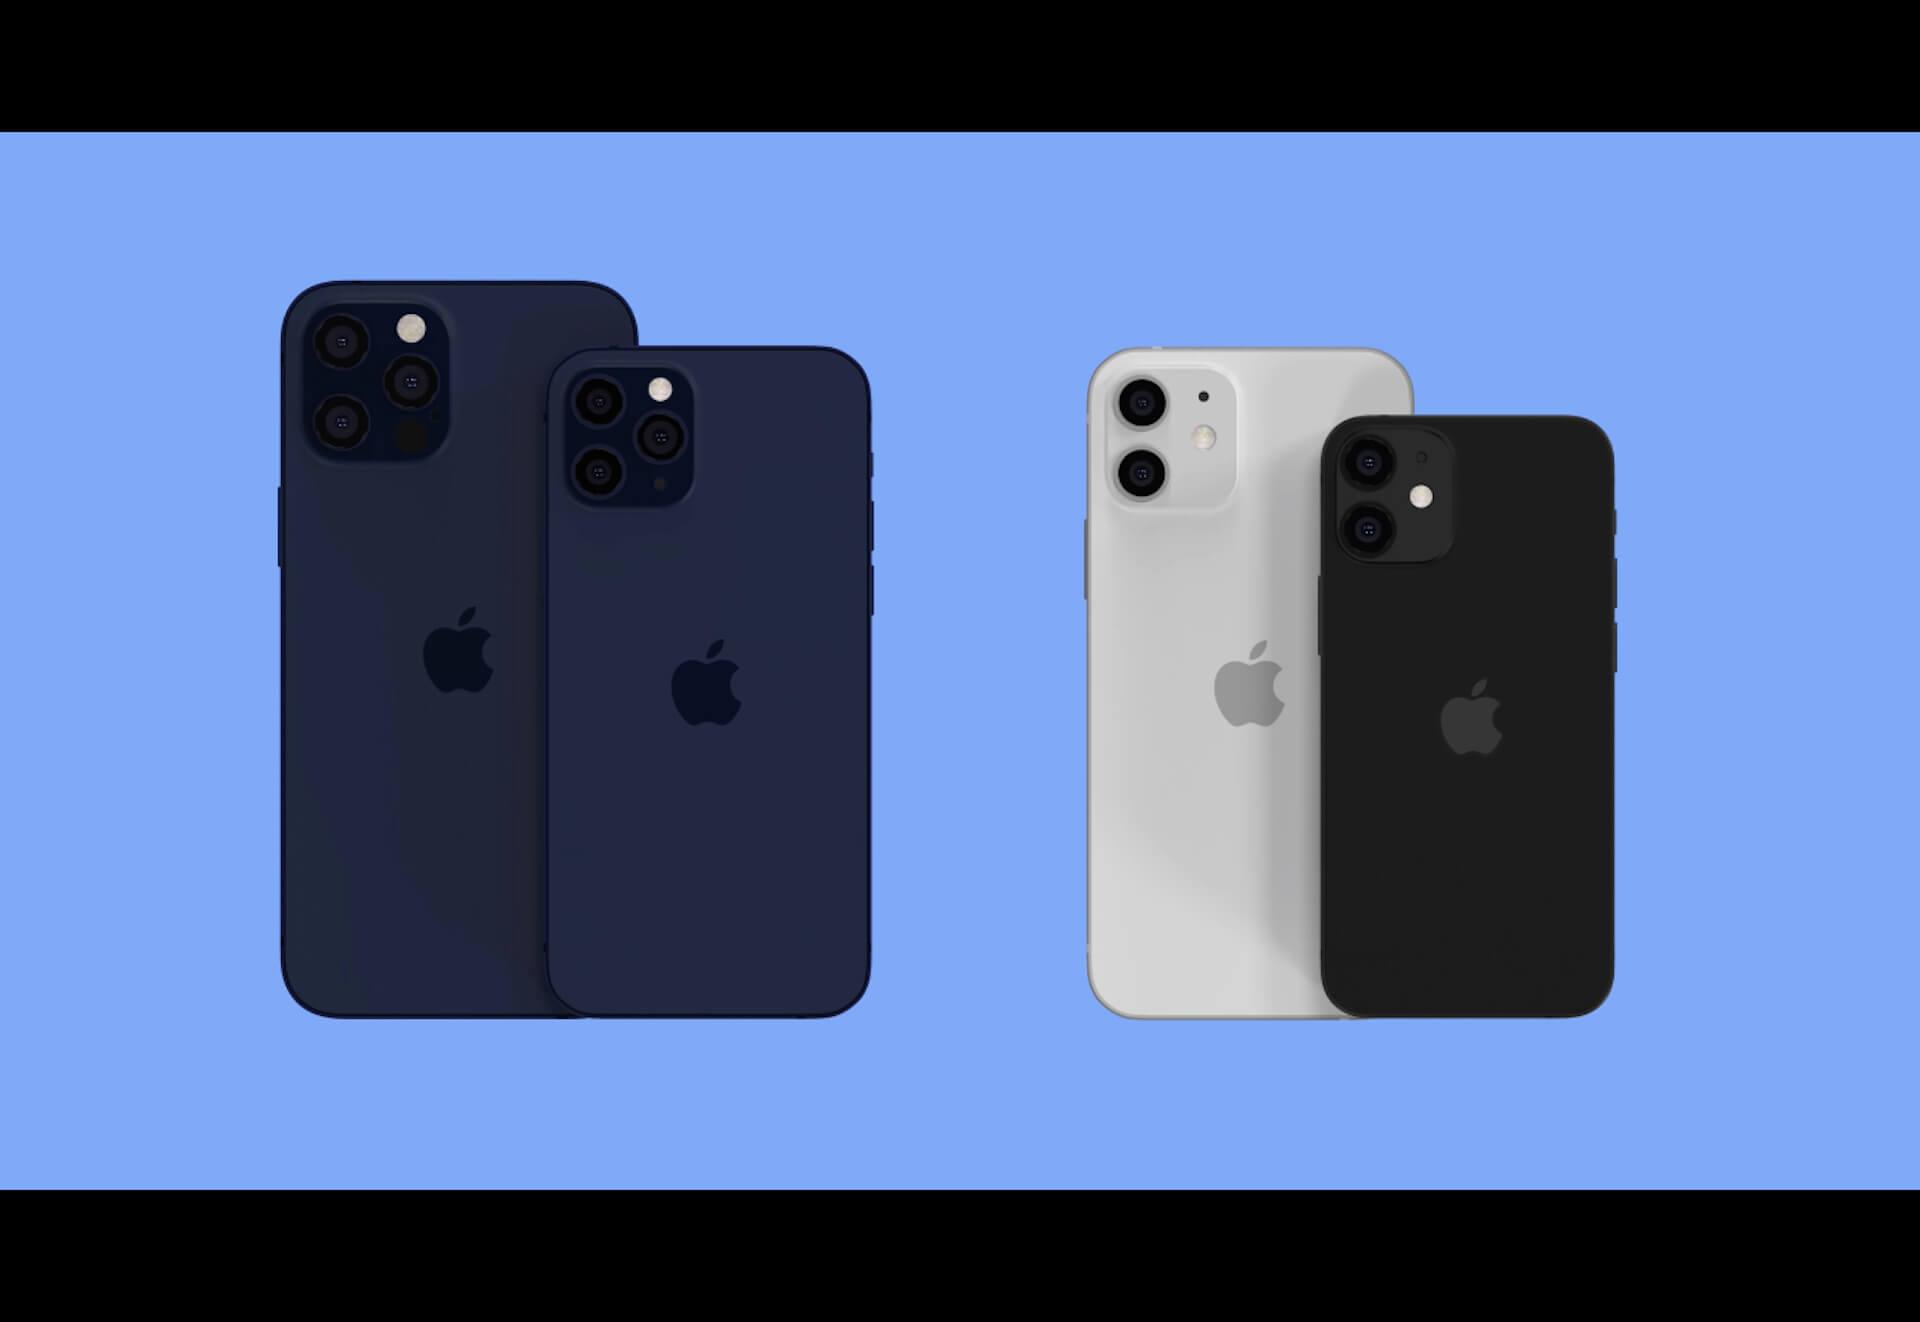 iPhone 12シリーズの発表日、予約受付日が判明!?発表を知らせるプロモーションメールがリークか tech200910_iphone12_main